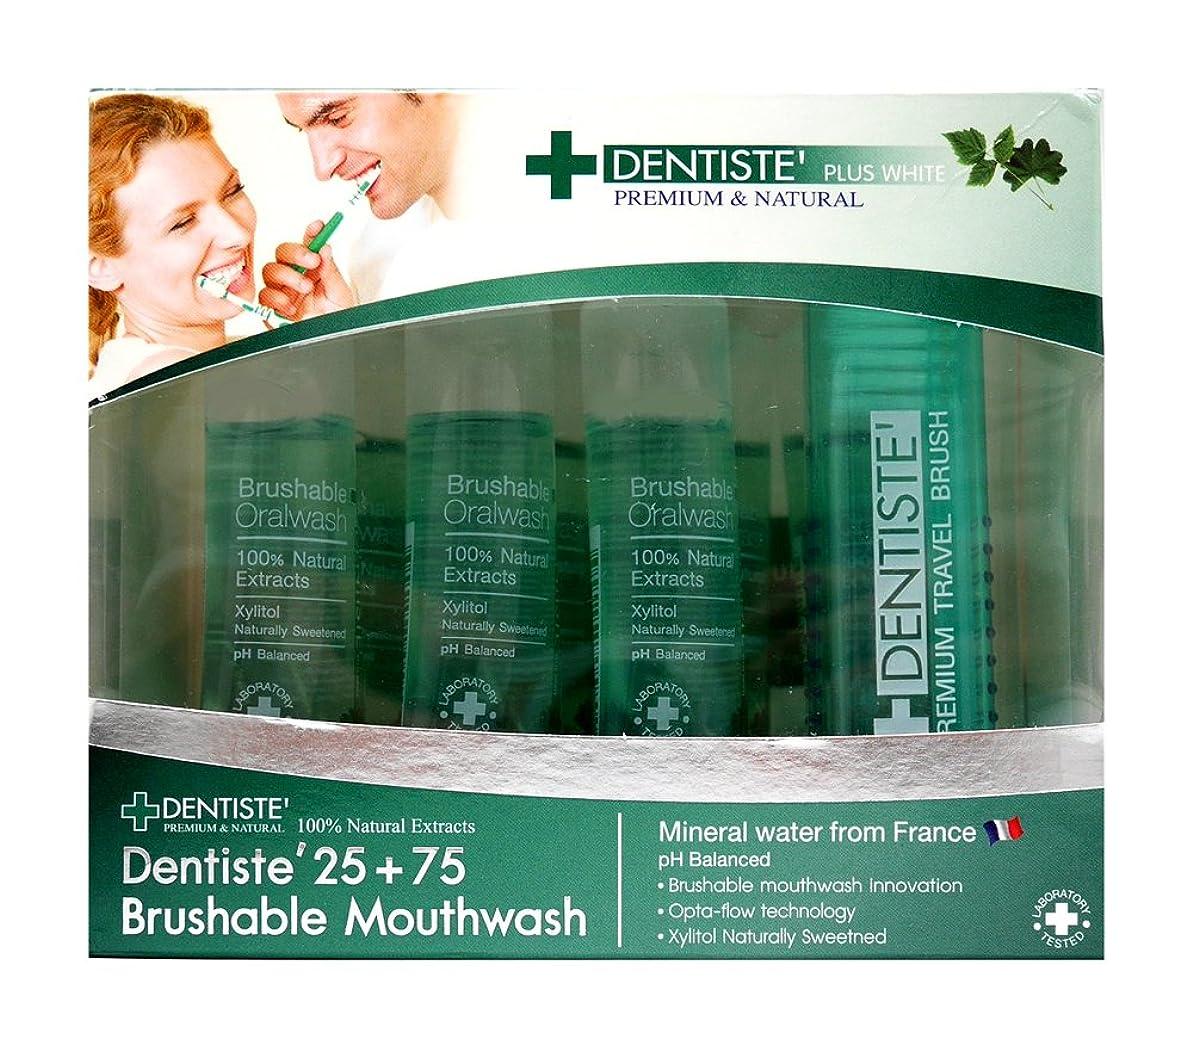 社会一次毎月(デンティス)DENTISTE 液体歯磨き粉 12ml x 7本 収納式歯ブラシ付